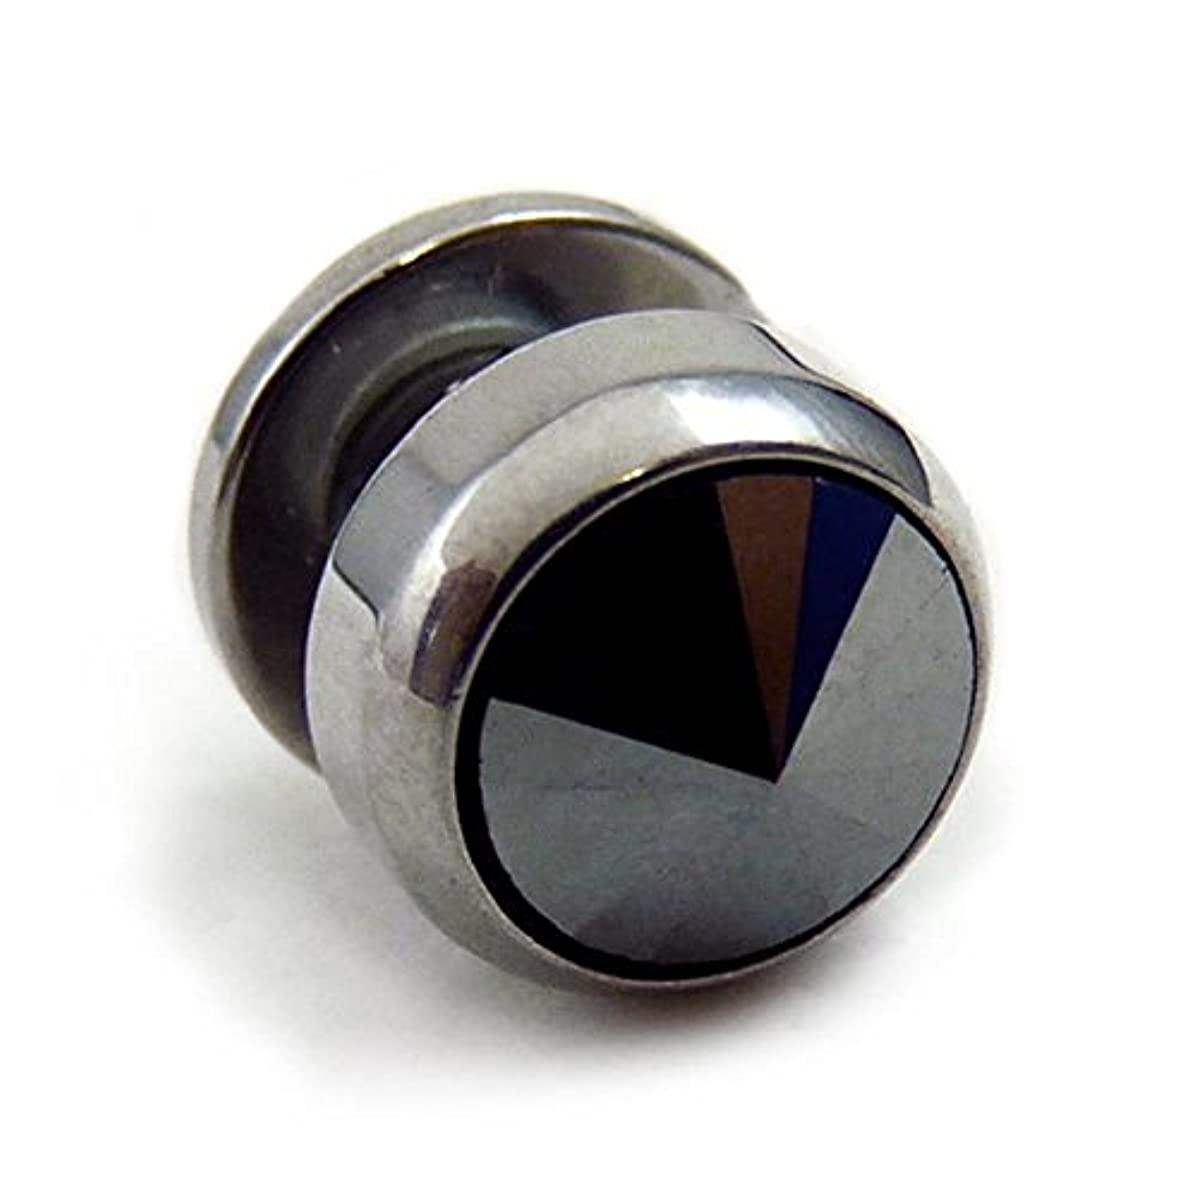 無線ぼんやりした異常スワンユニオン swanunion fp19 丸型 片耳 磁石 マグピ ステンレス製 フェイクピアス fp19-L